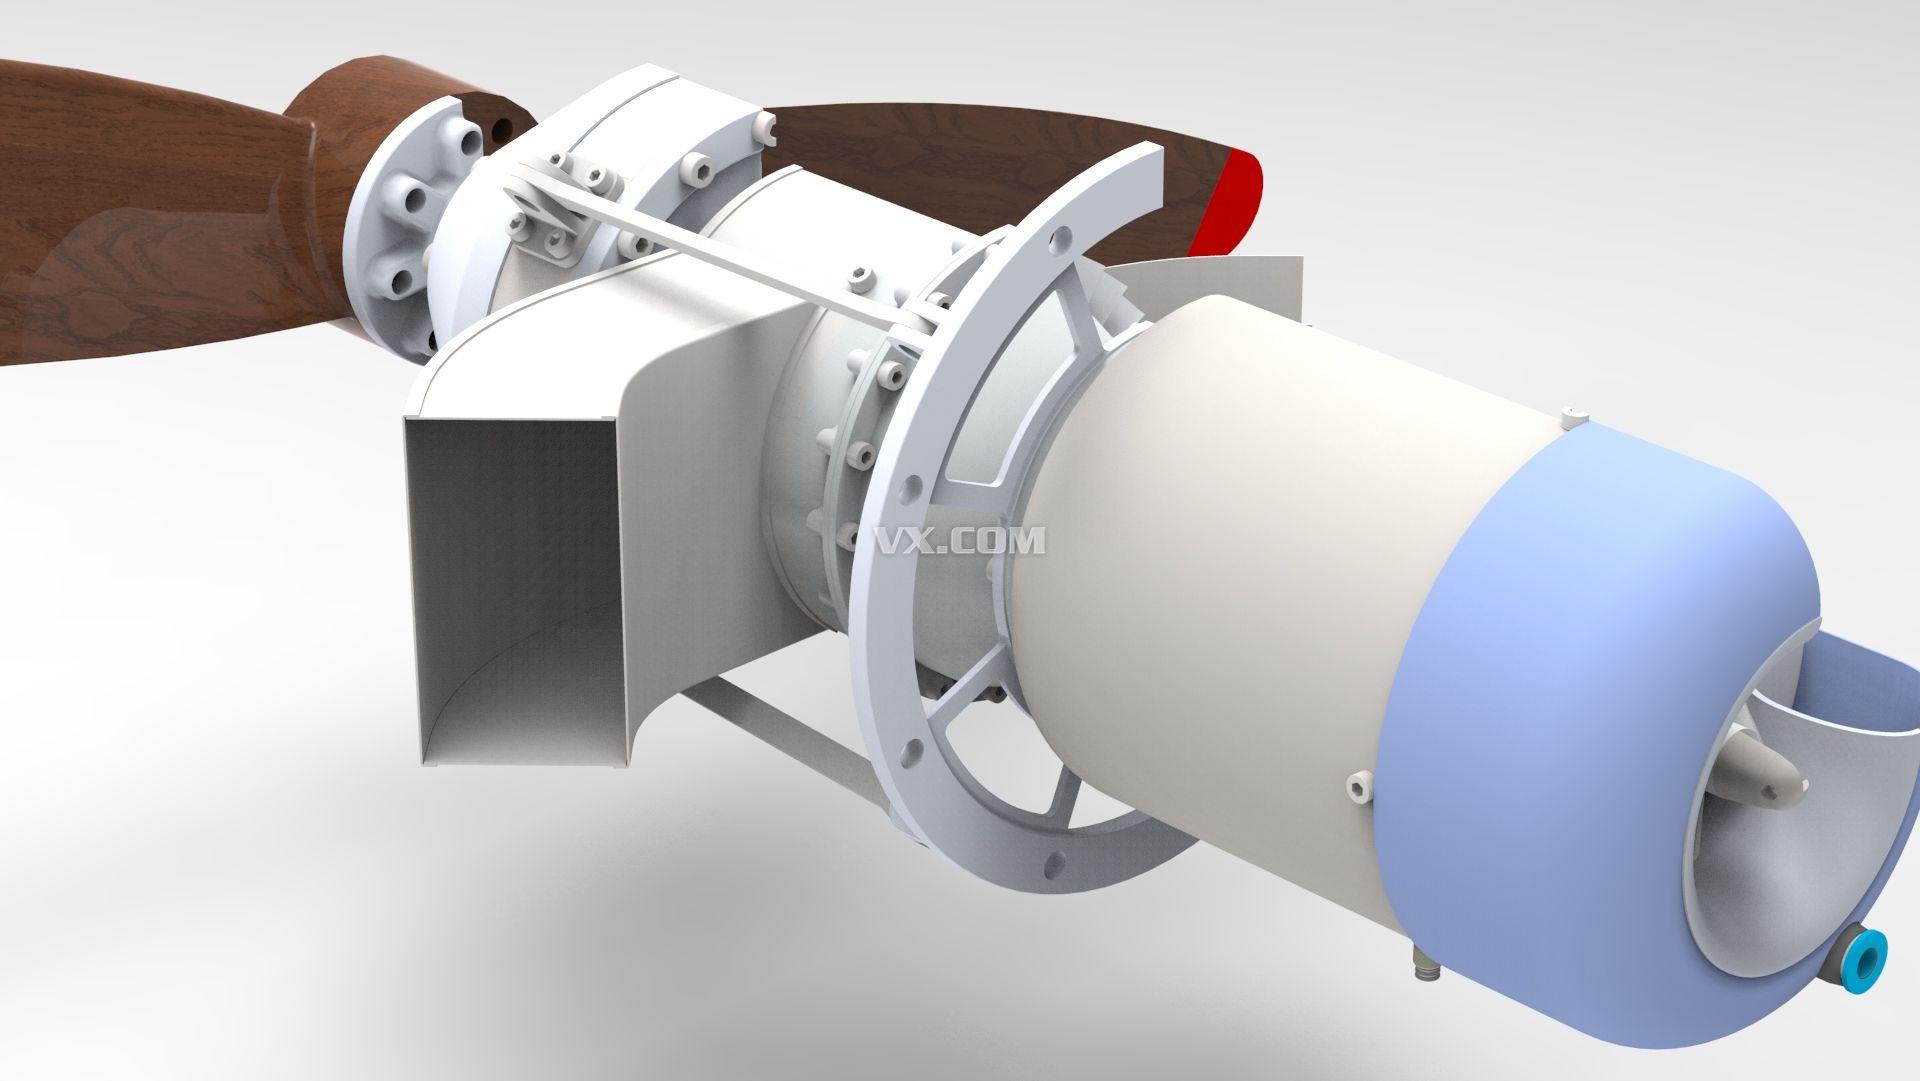 kj-66涡喷发动机-rc涡轮螺旋桨飞机